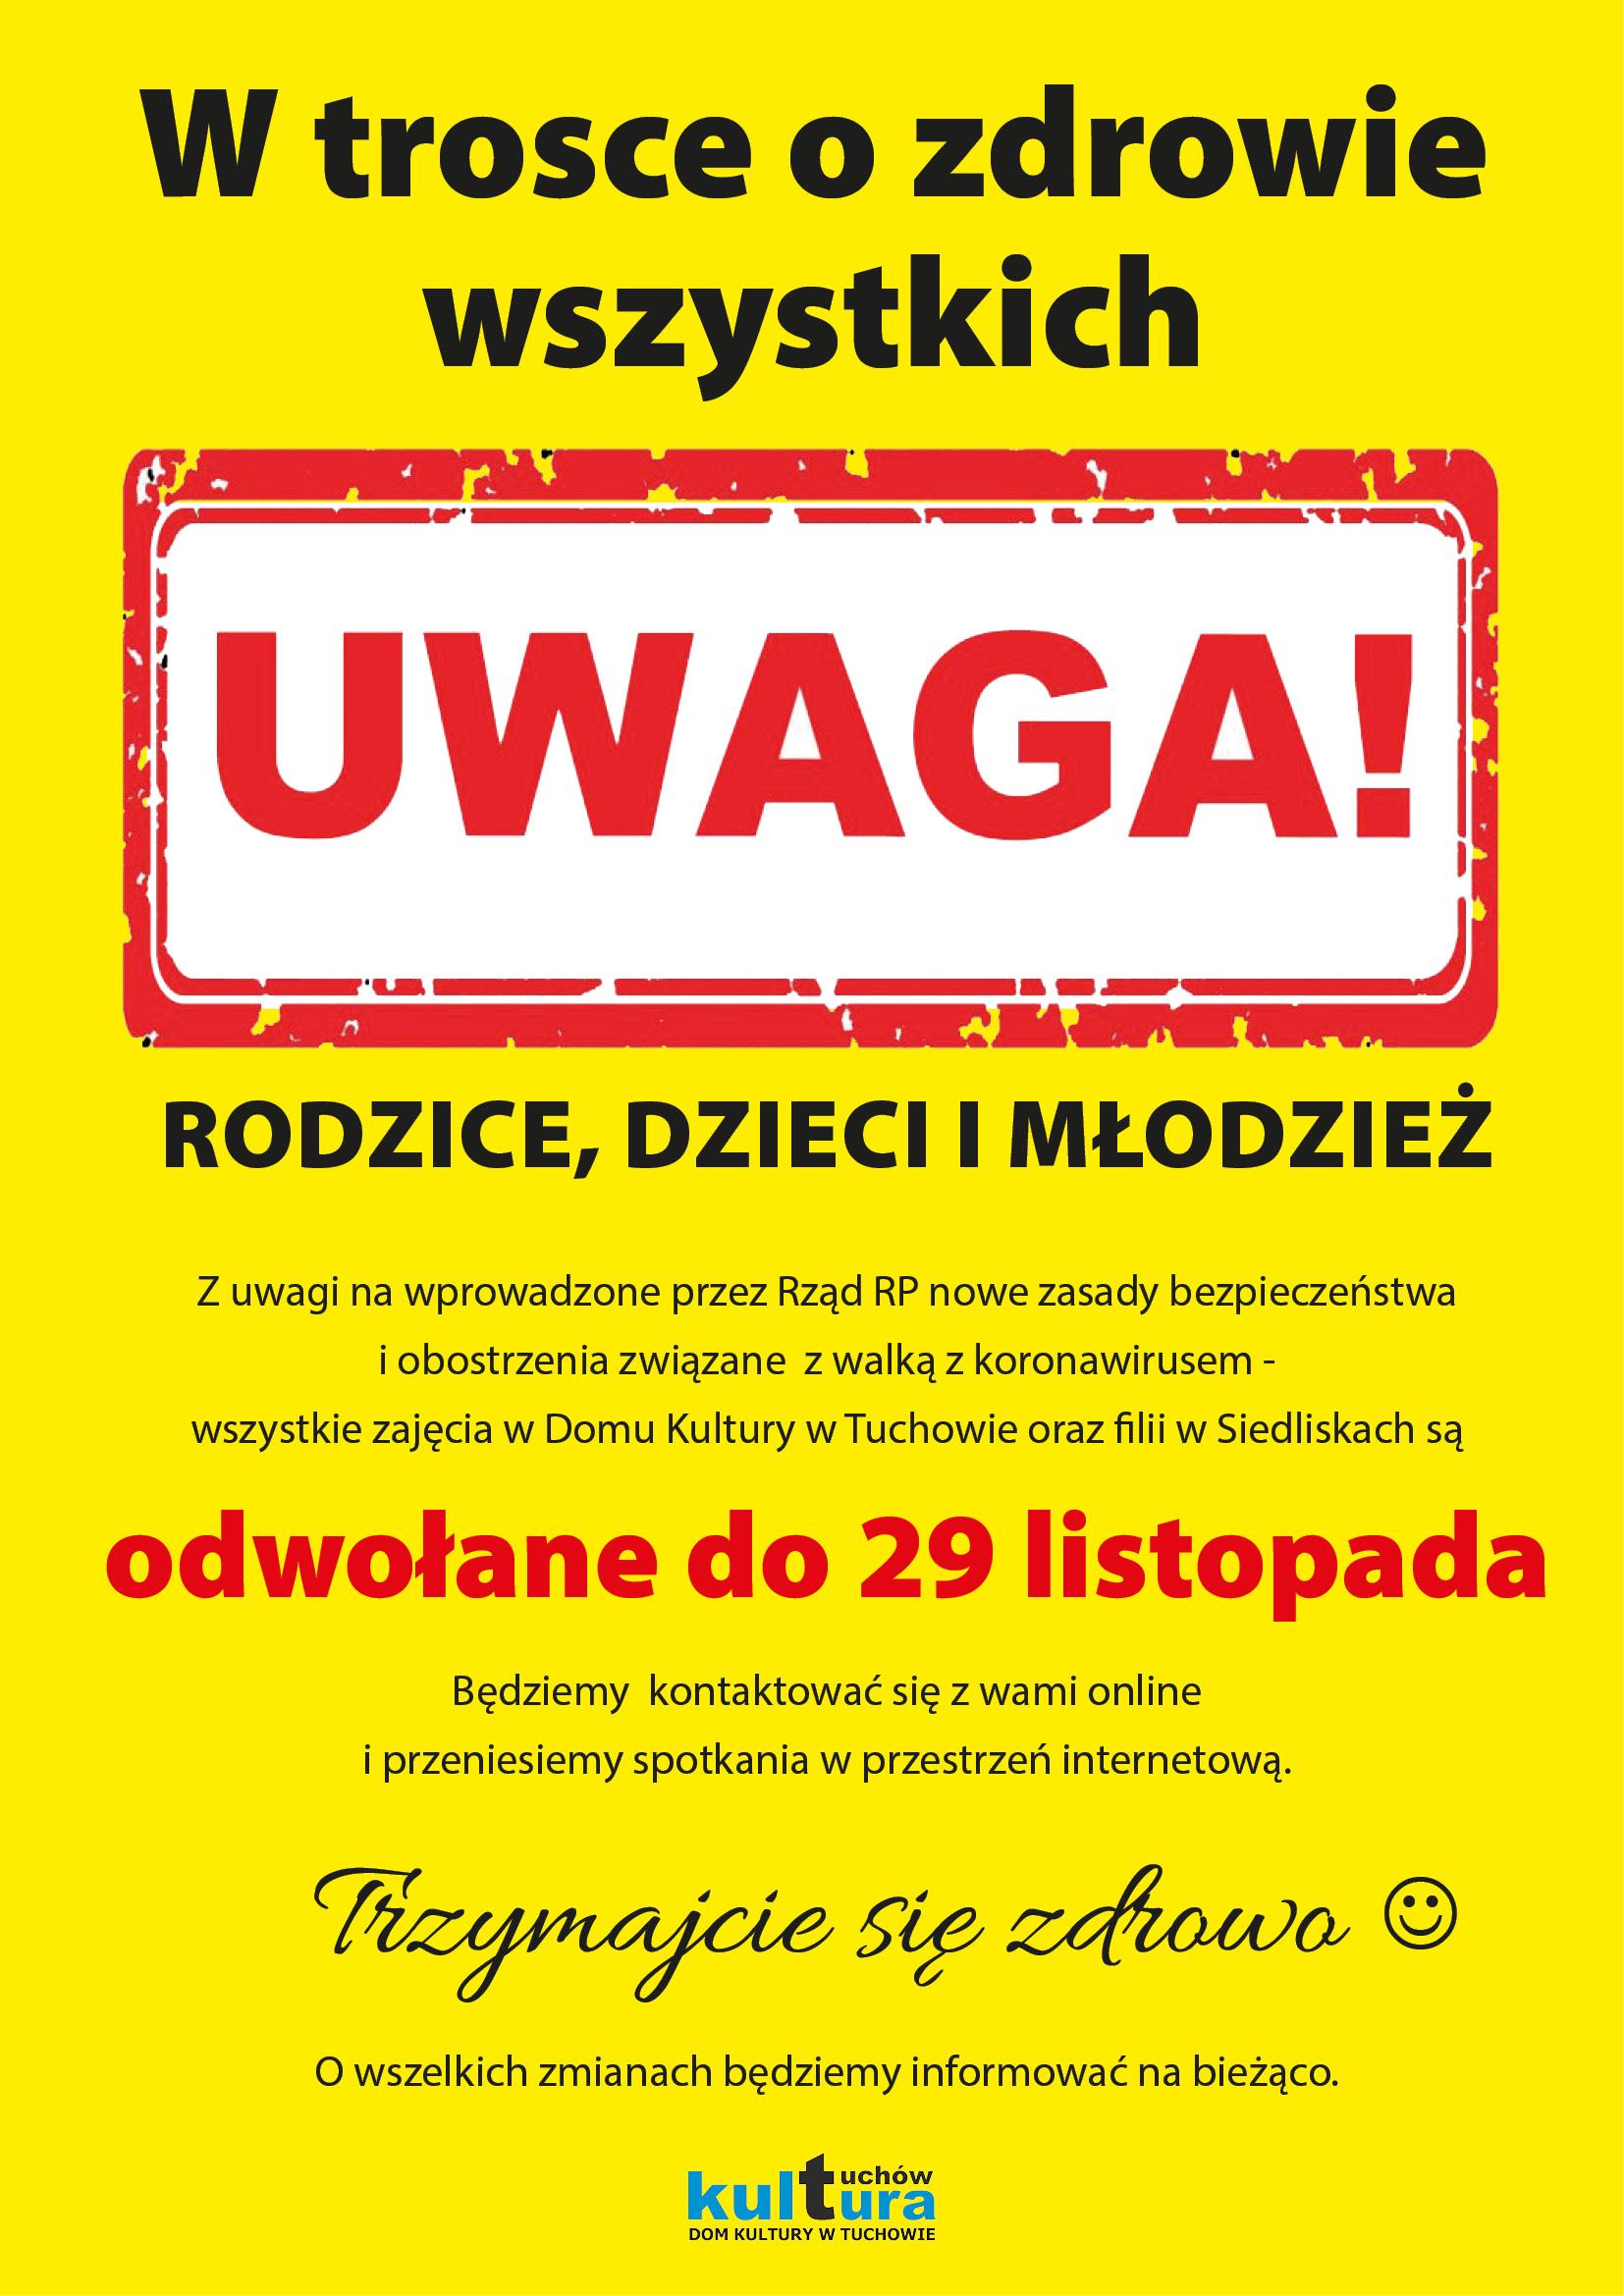 Zajęcia w Domu Kultury w Tuchowie i filiach odwołane!